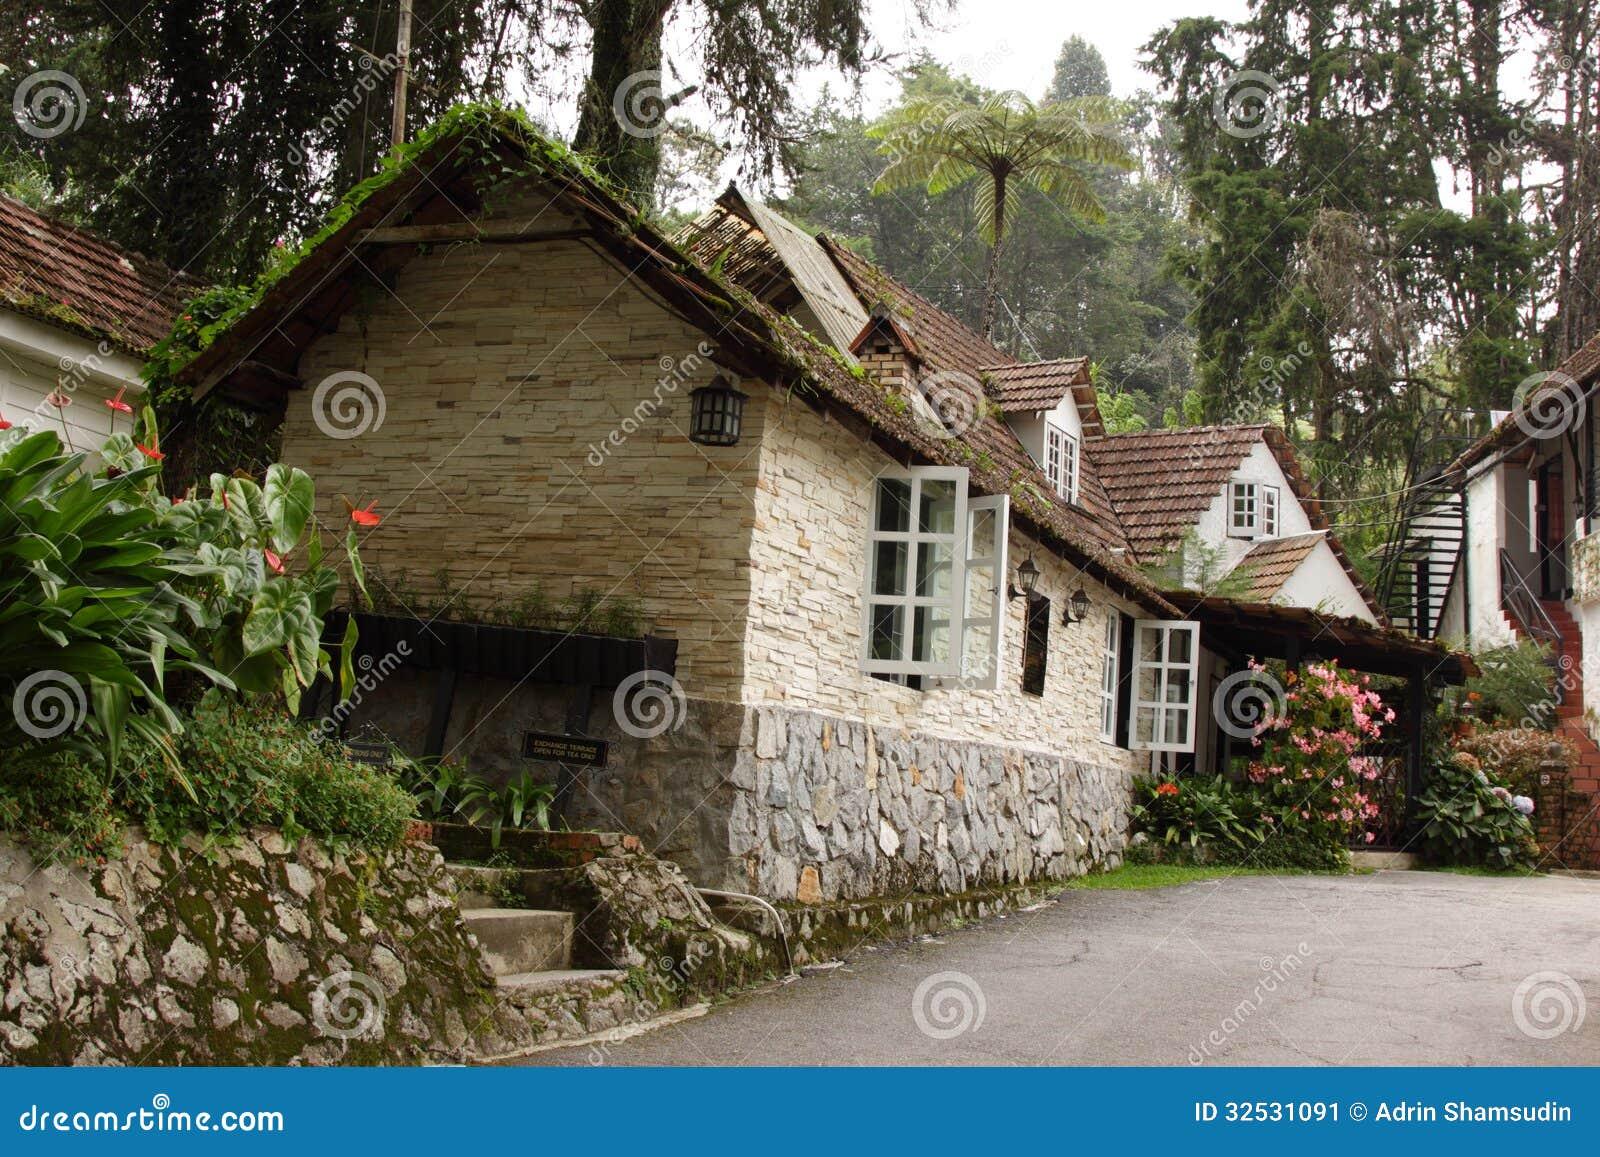 English Cottage Stock Image Image 32531091